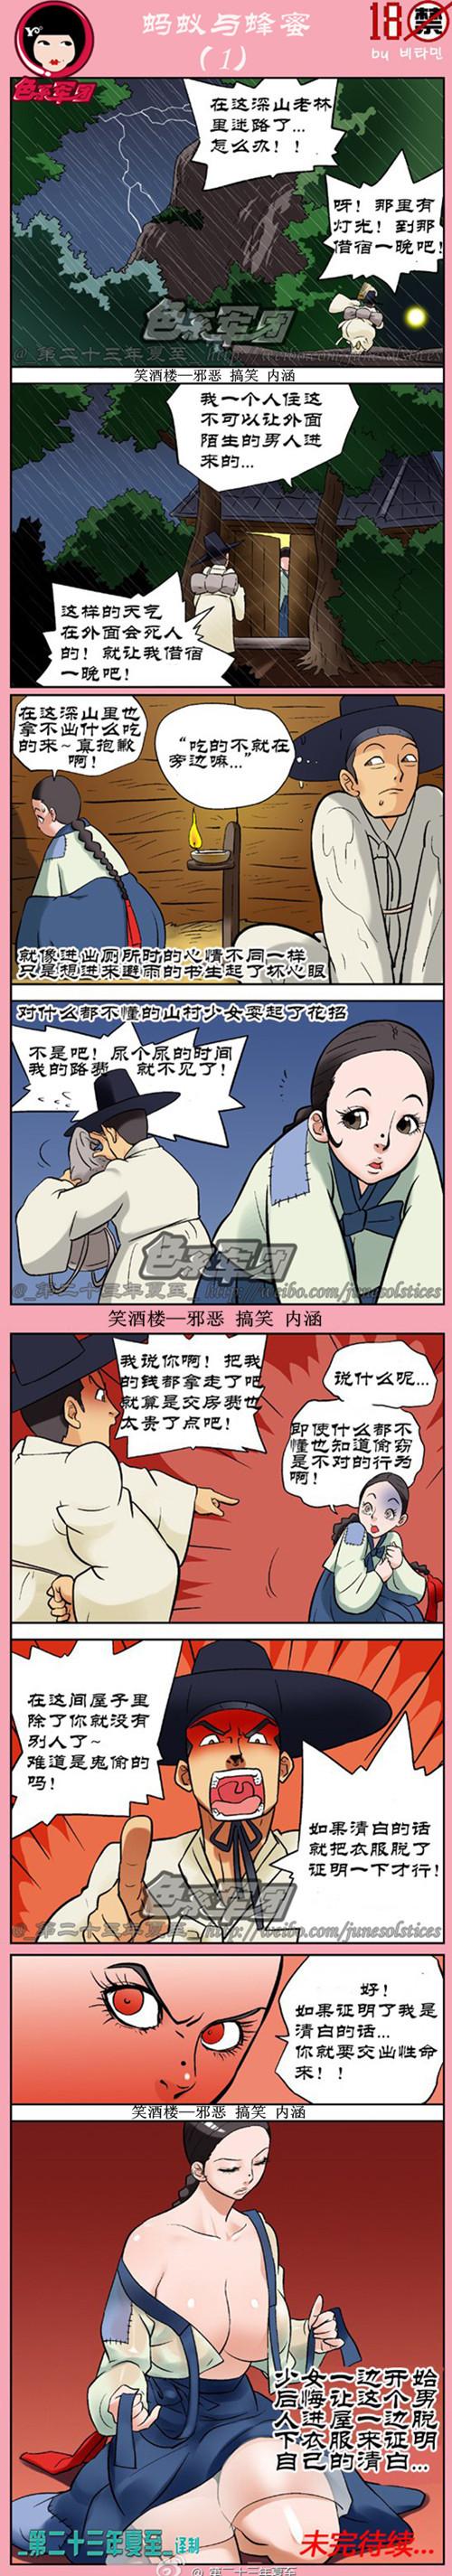 色系军团|蚂蚁与蜂蜜漫画(连载漫画全46集) 动漫漫画